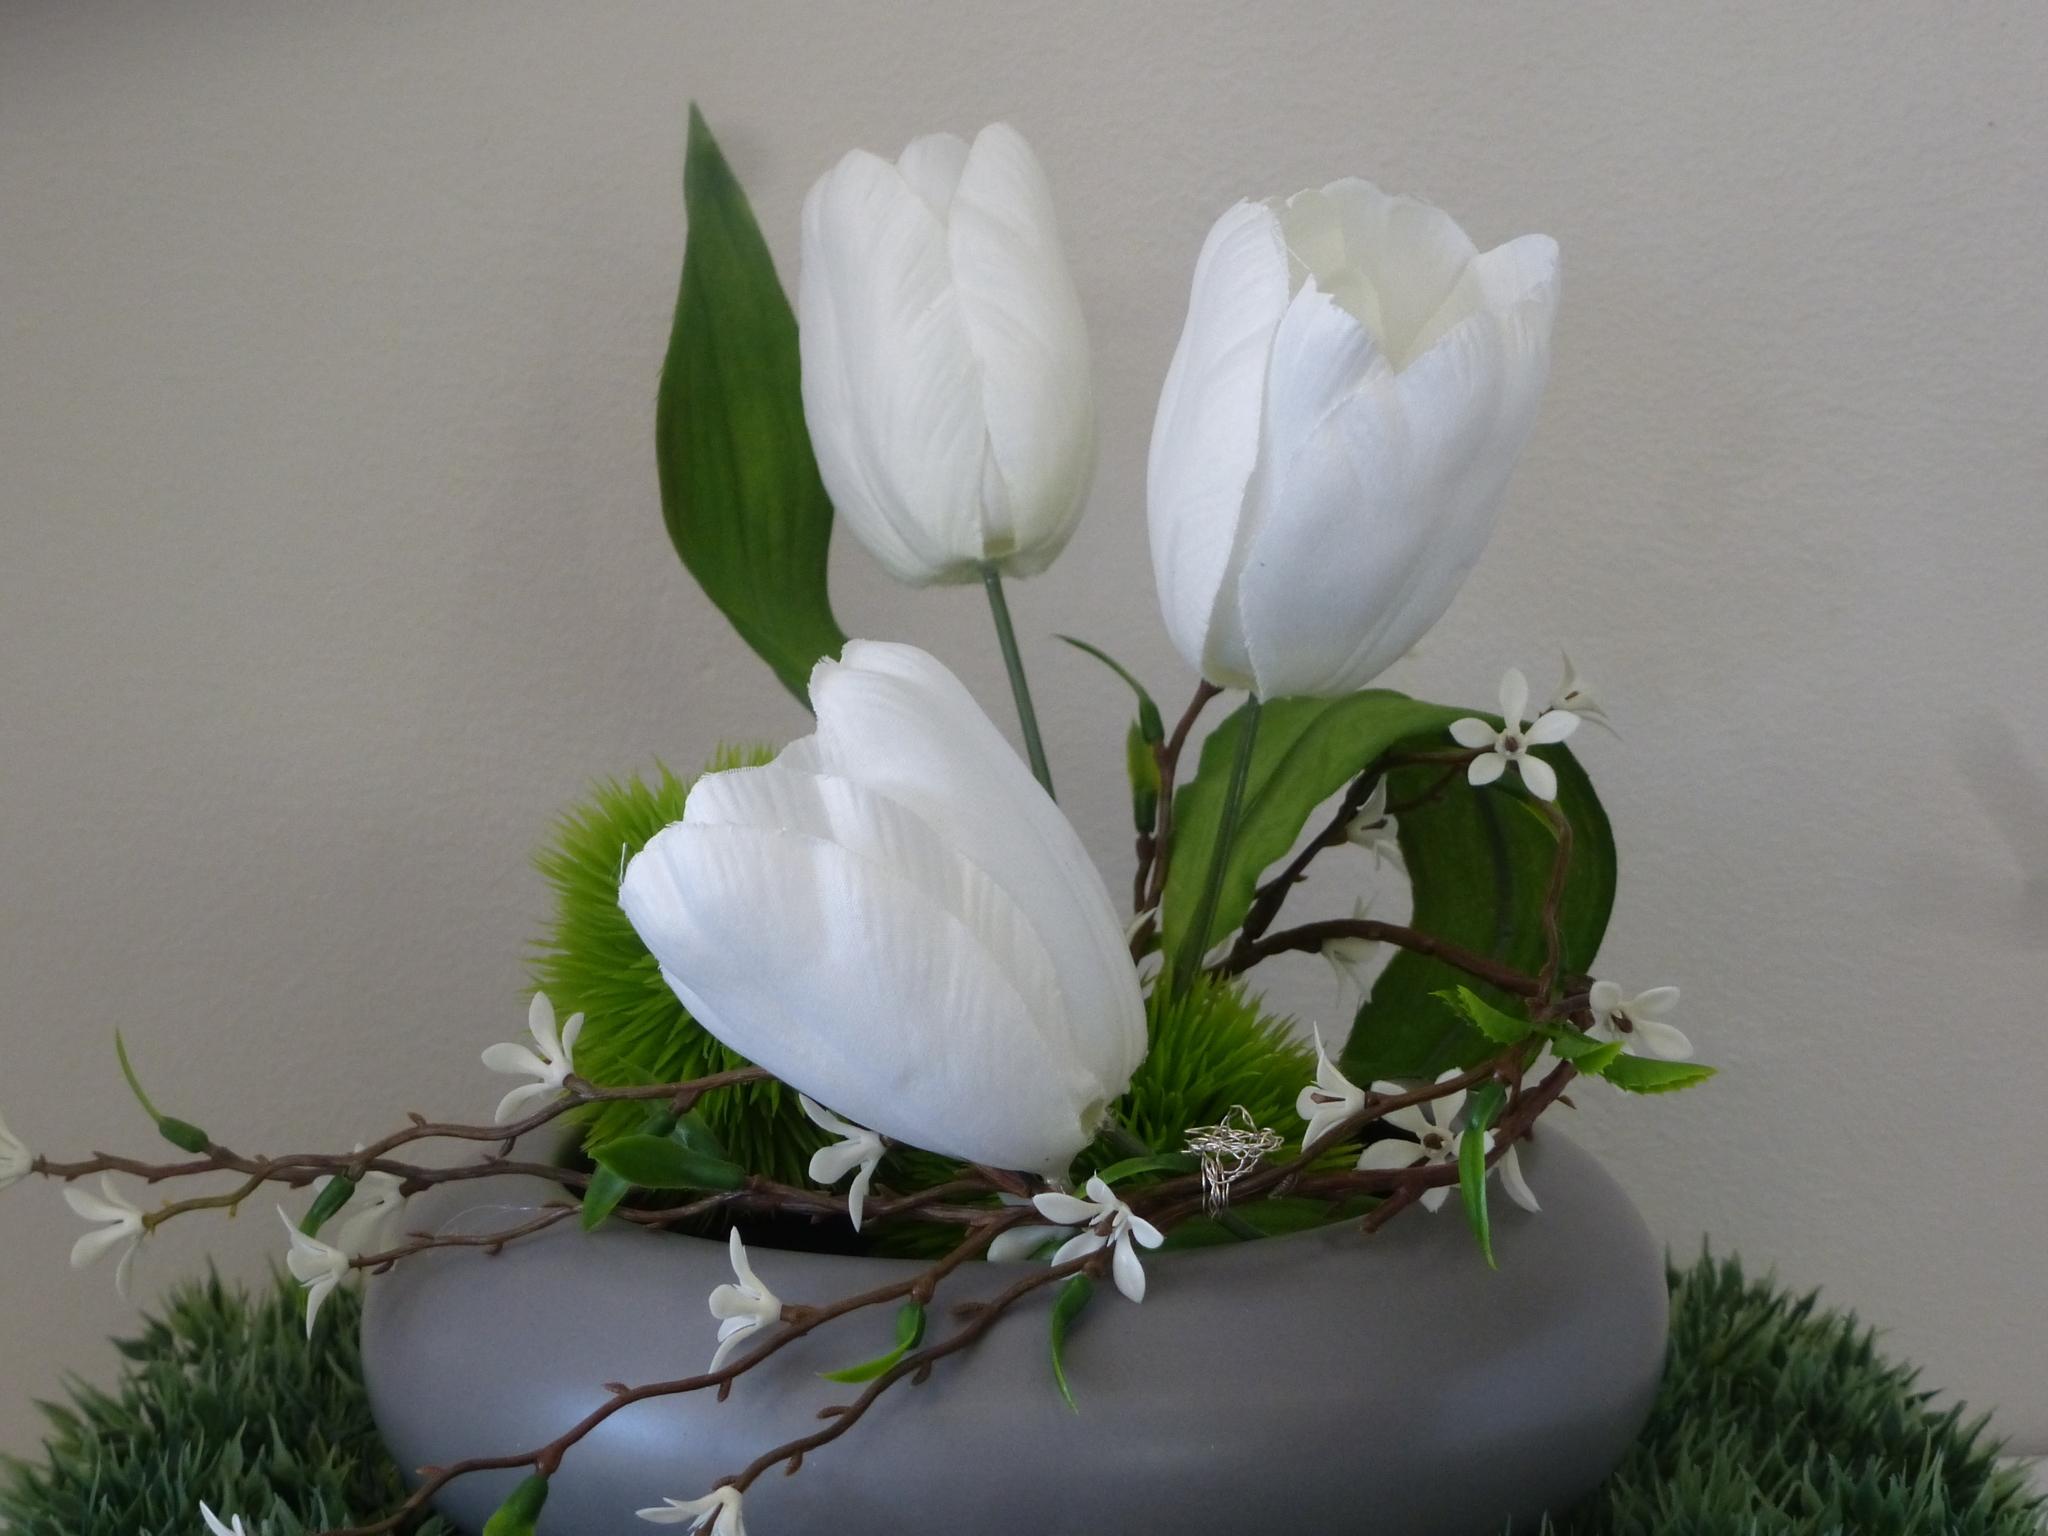 Le fleuriste des quatre bourgeois qu bec qc ourbis for Bouquet de fleurs quebec